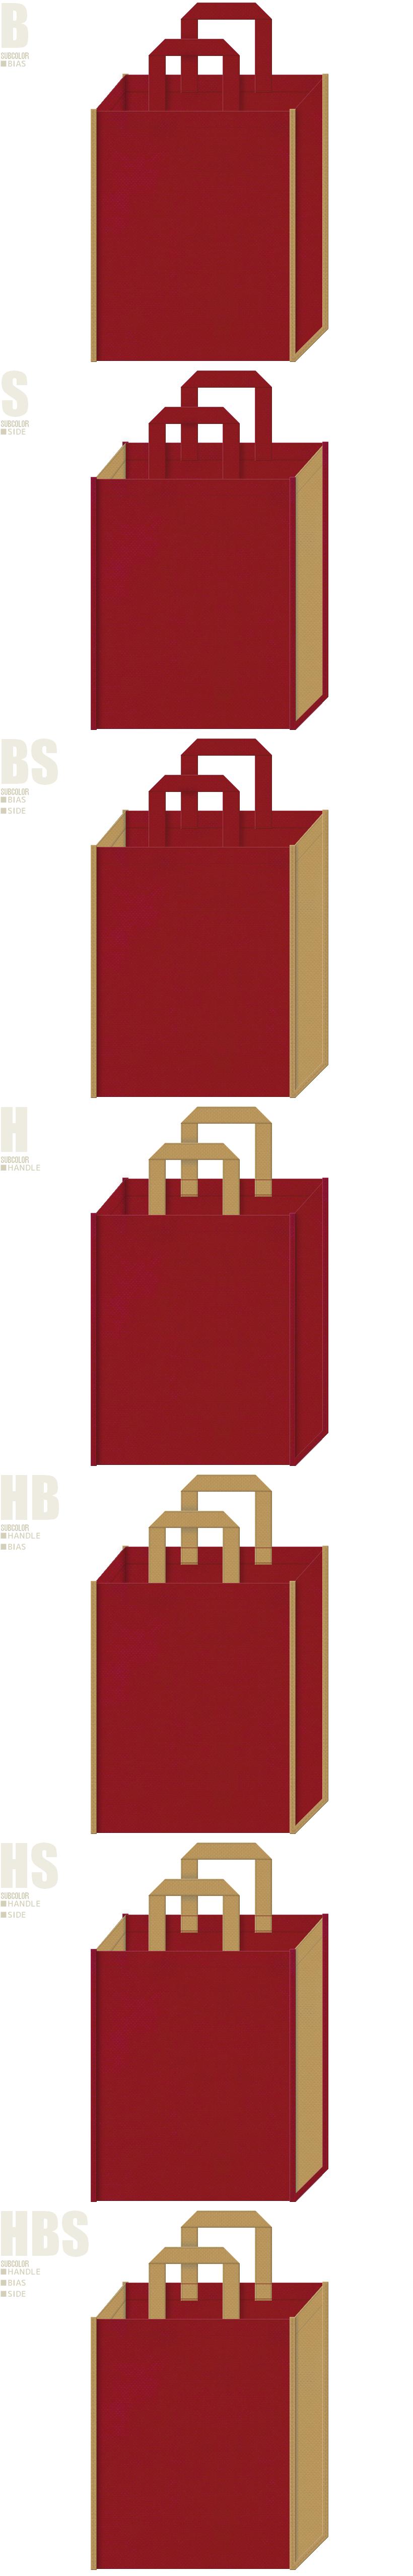 和風装飾・演出・和風ディスプレイ・和風催事にお奨めの不織布バッグデザイン:エンジ色と金黄土色の配色7パターン